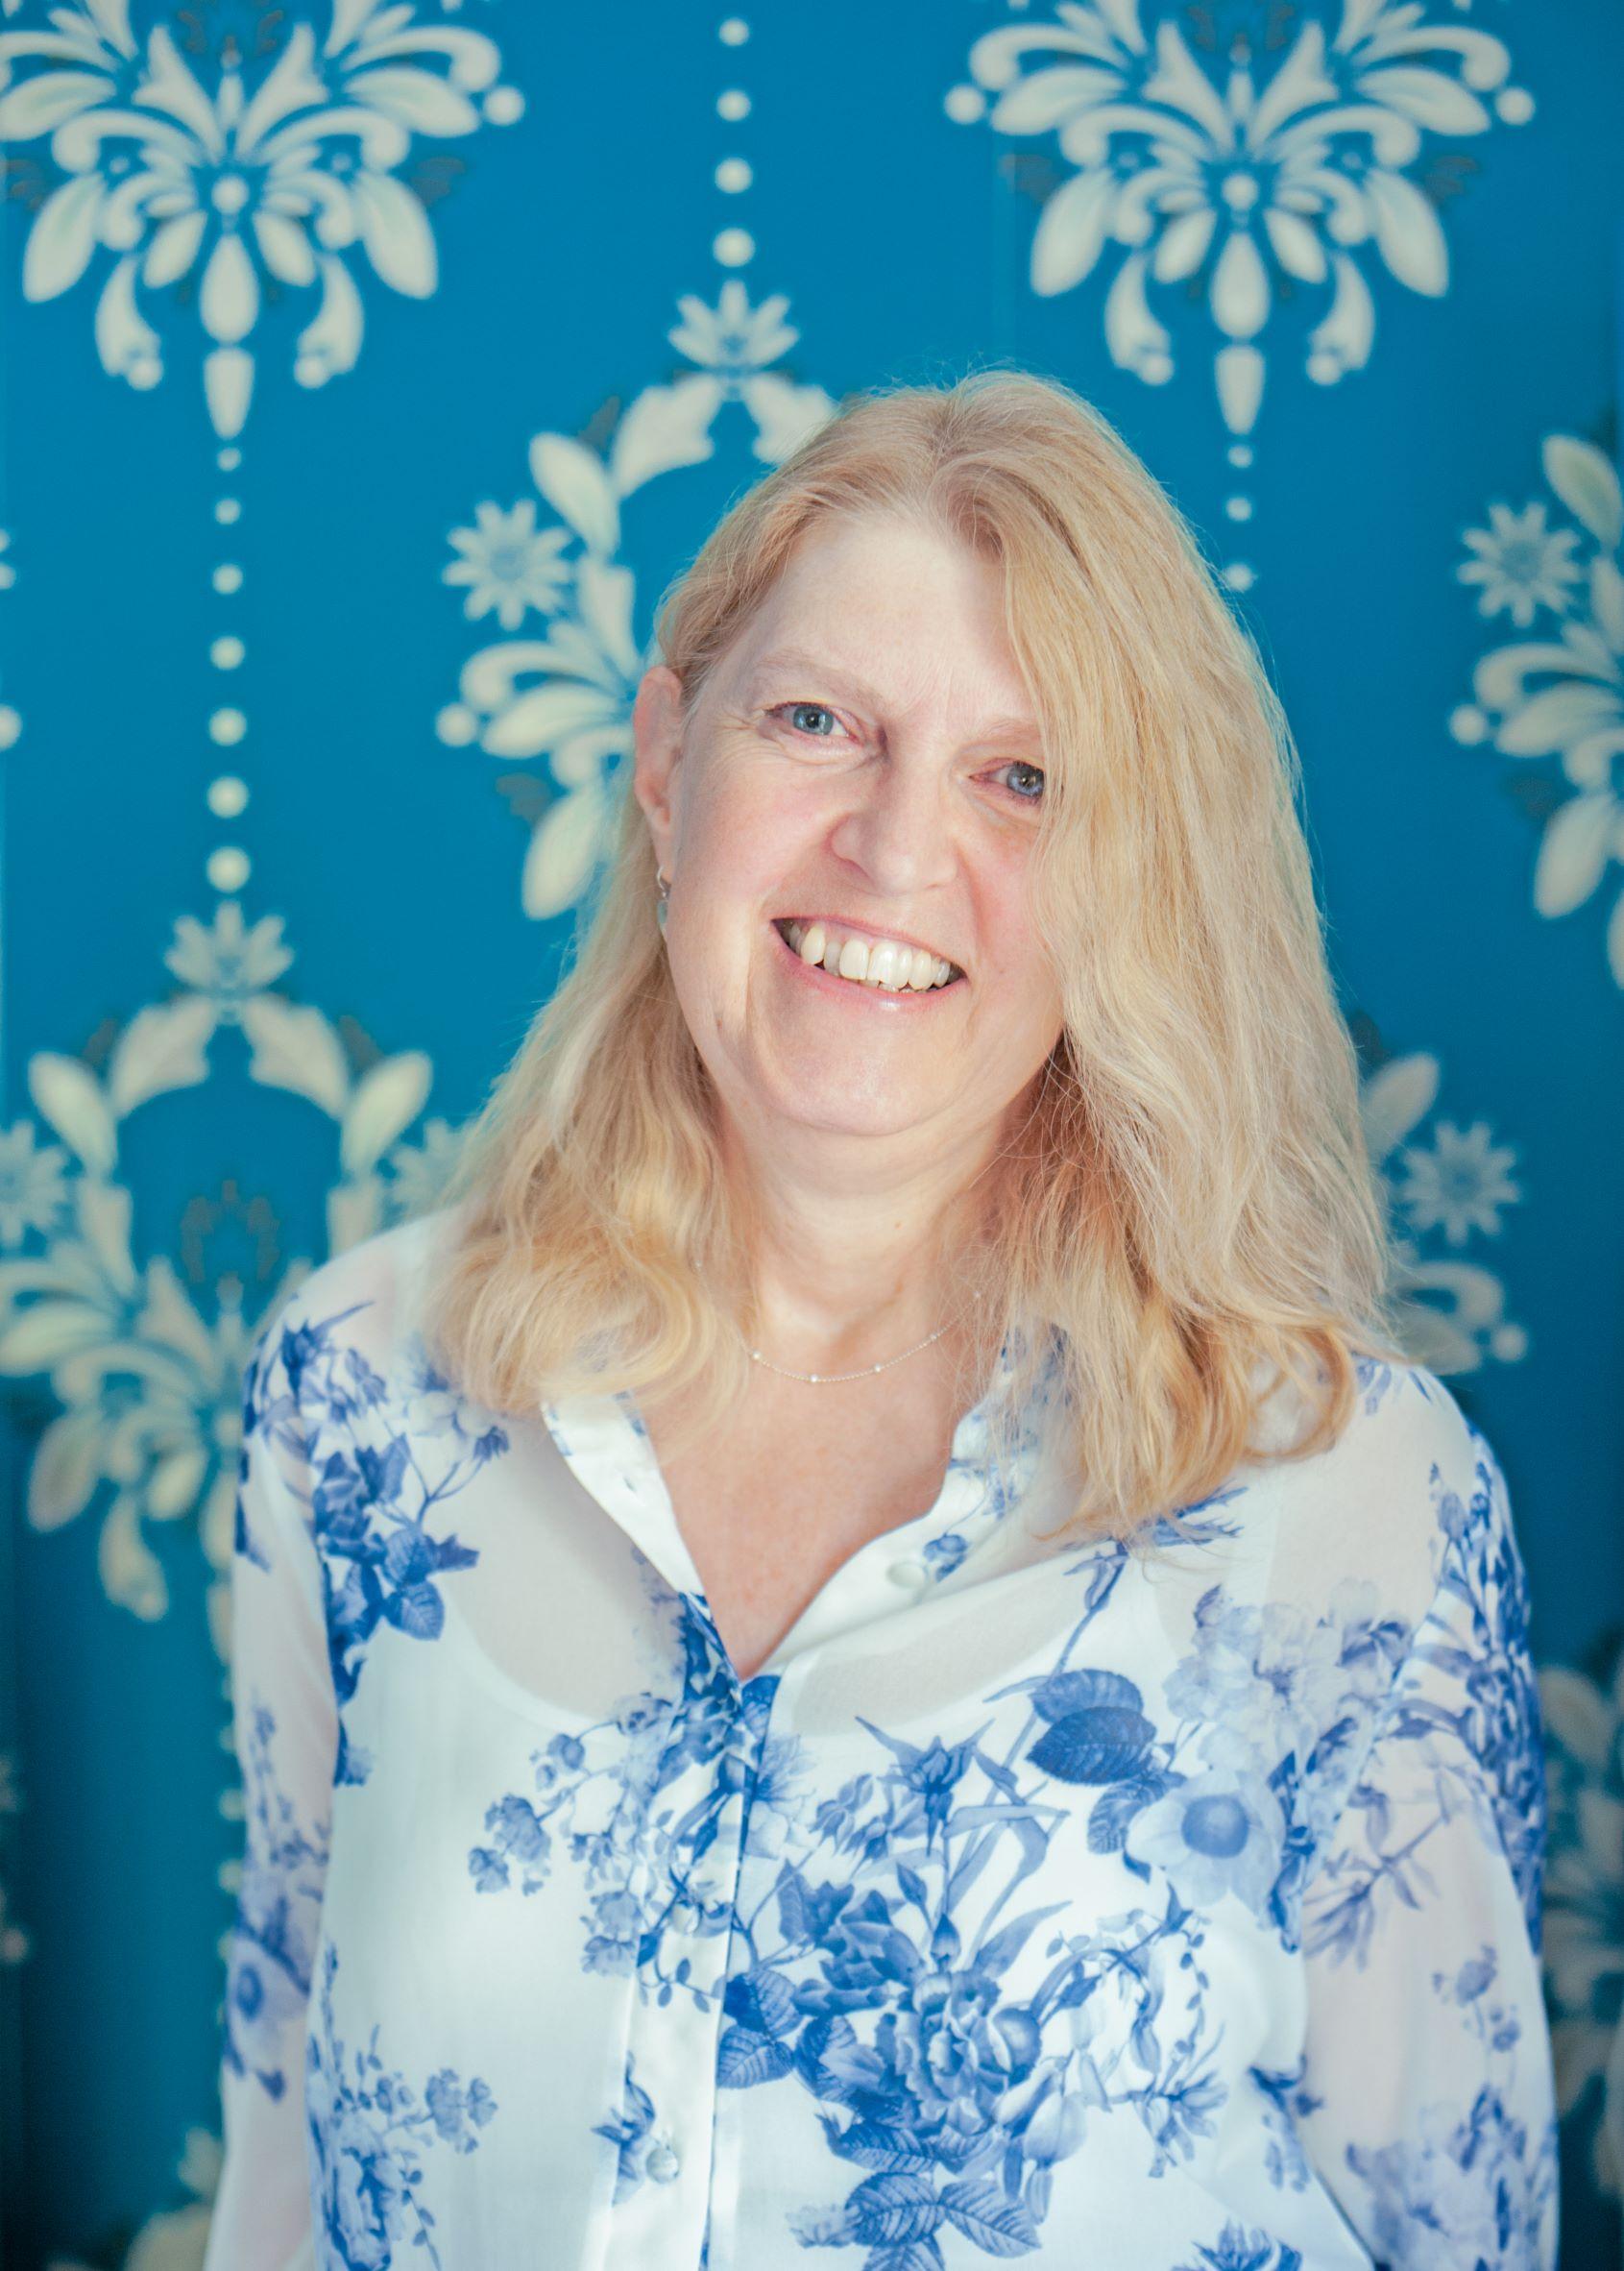 Karen HRM newsletter Karen Dolan, founder of HR Company KarenHRM